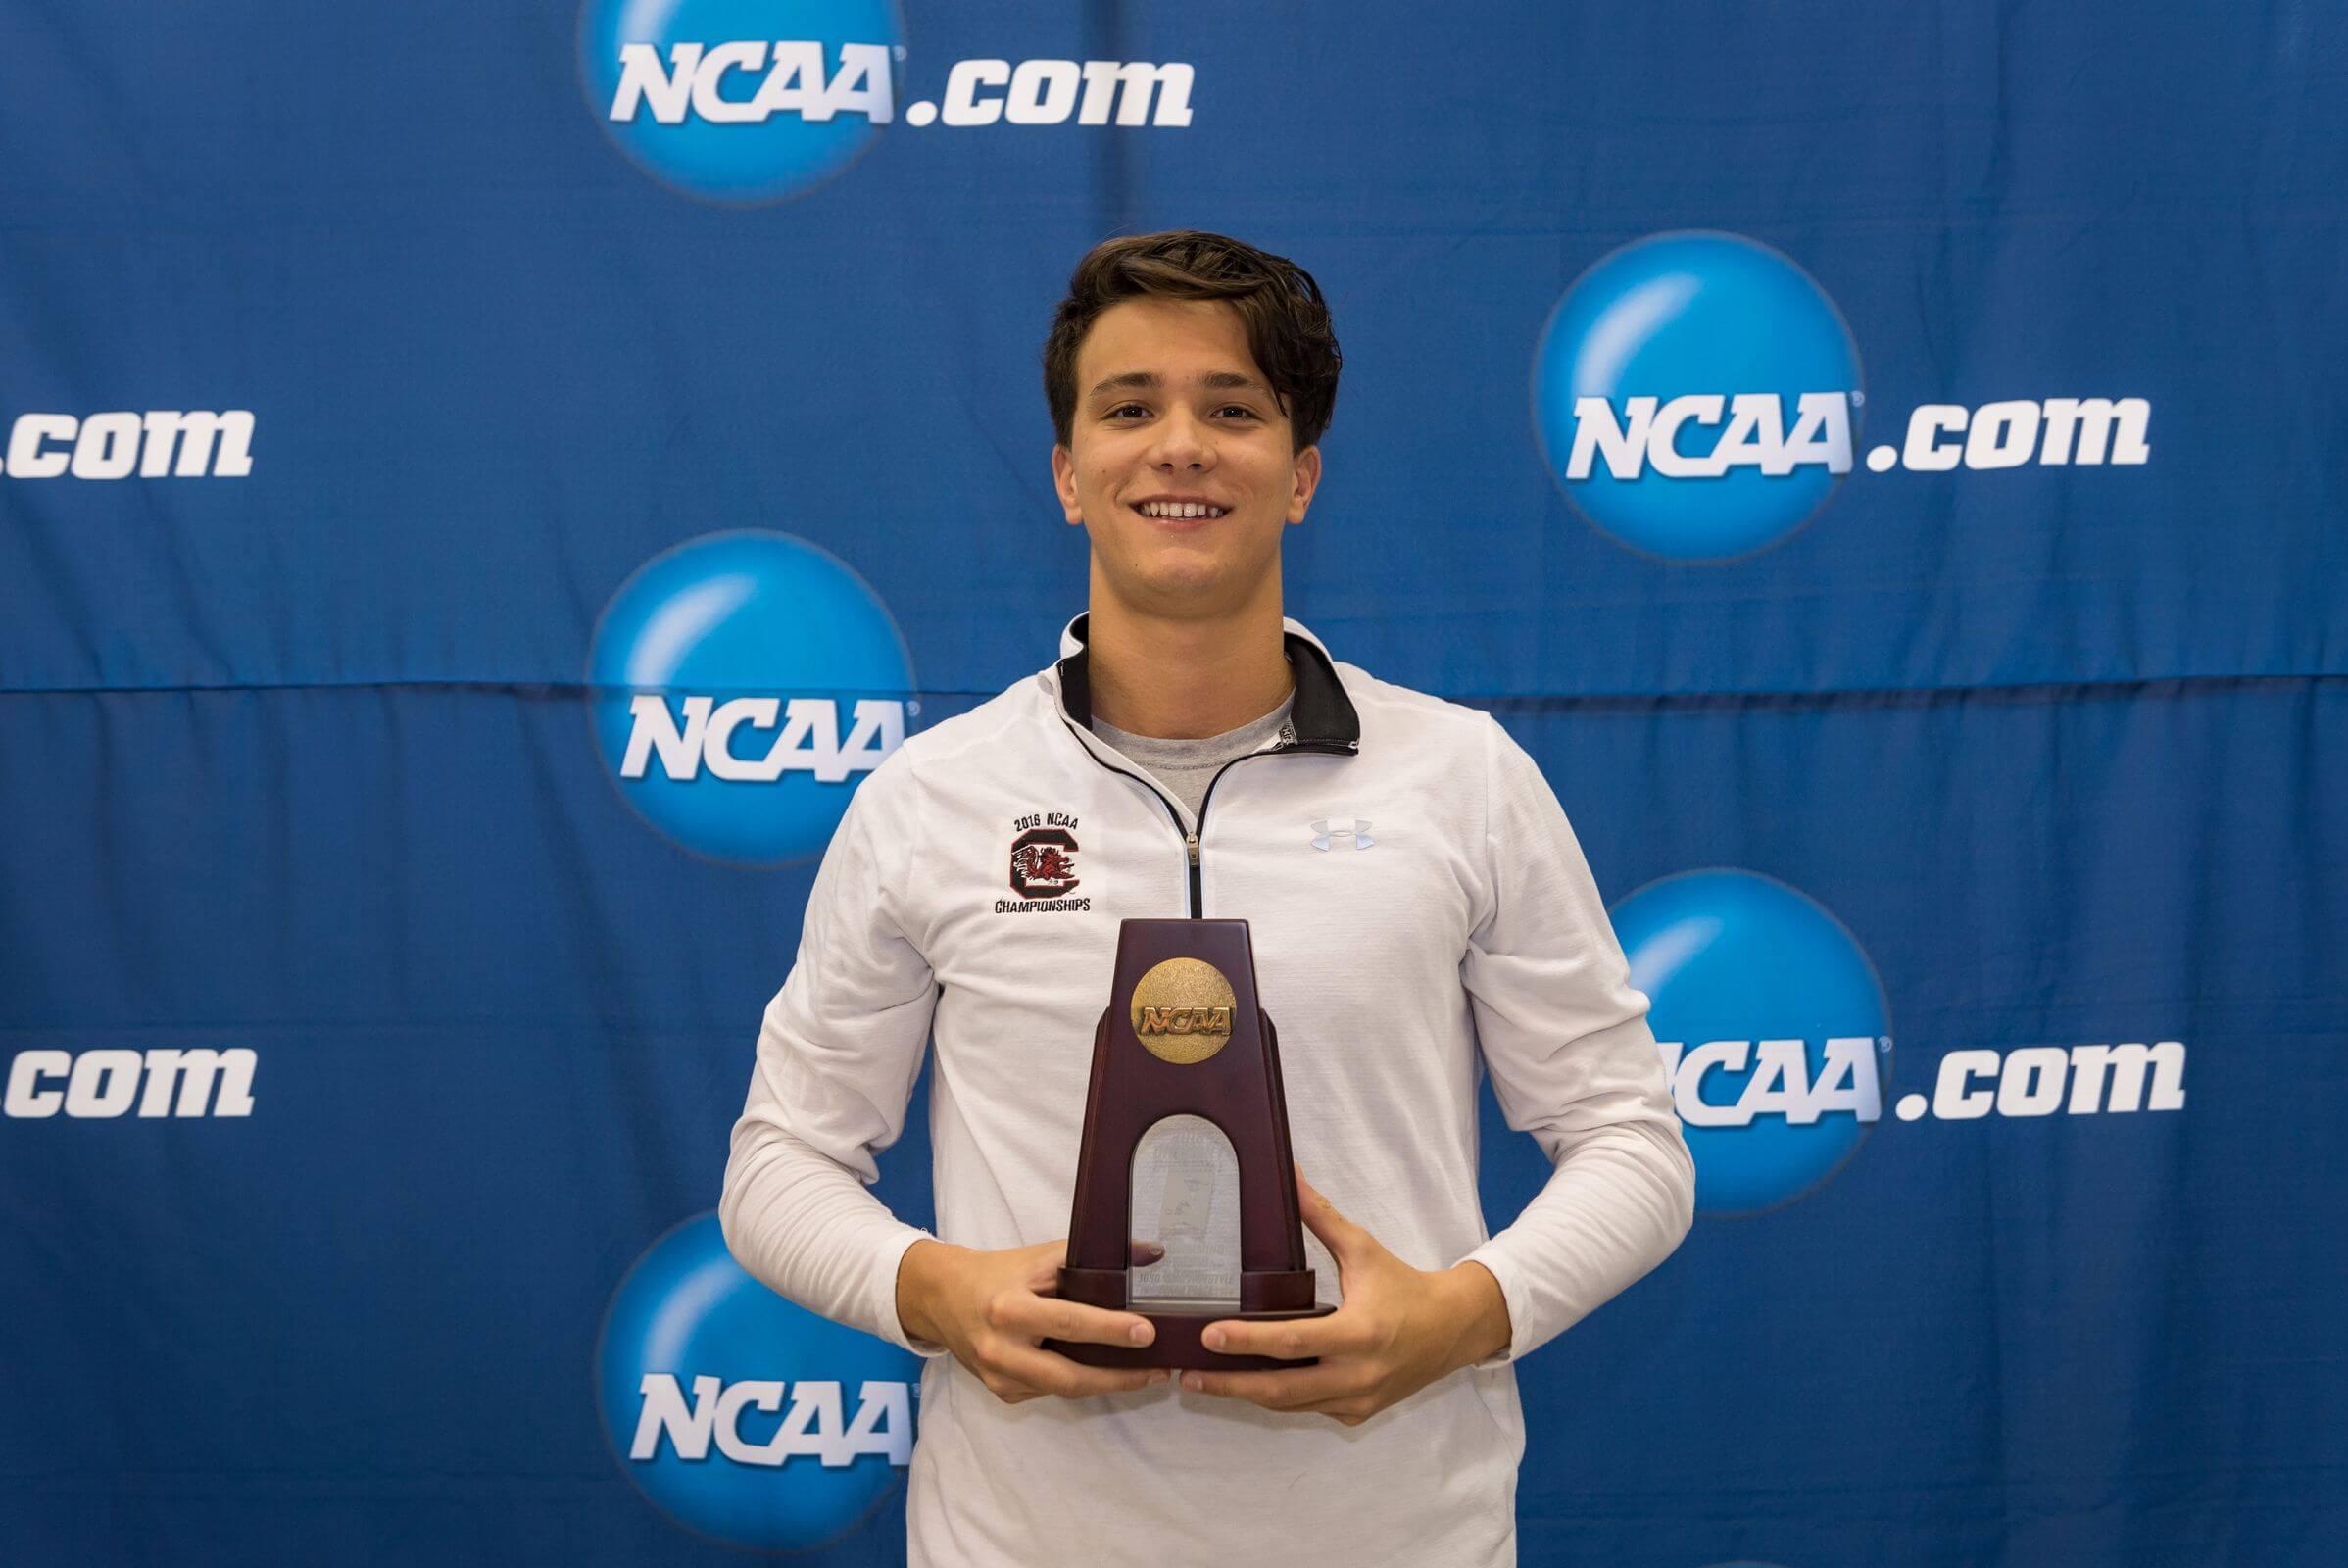 2016.03.26 NCAA Mens Swimming Championships_Reagan_South Carolina Tom Peribonio